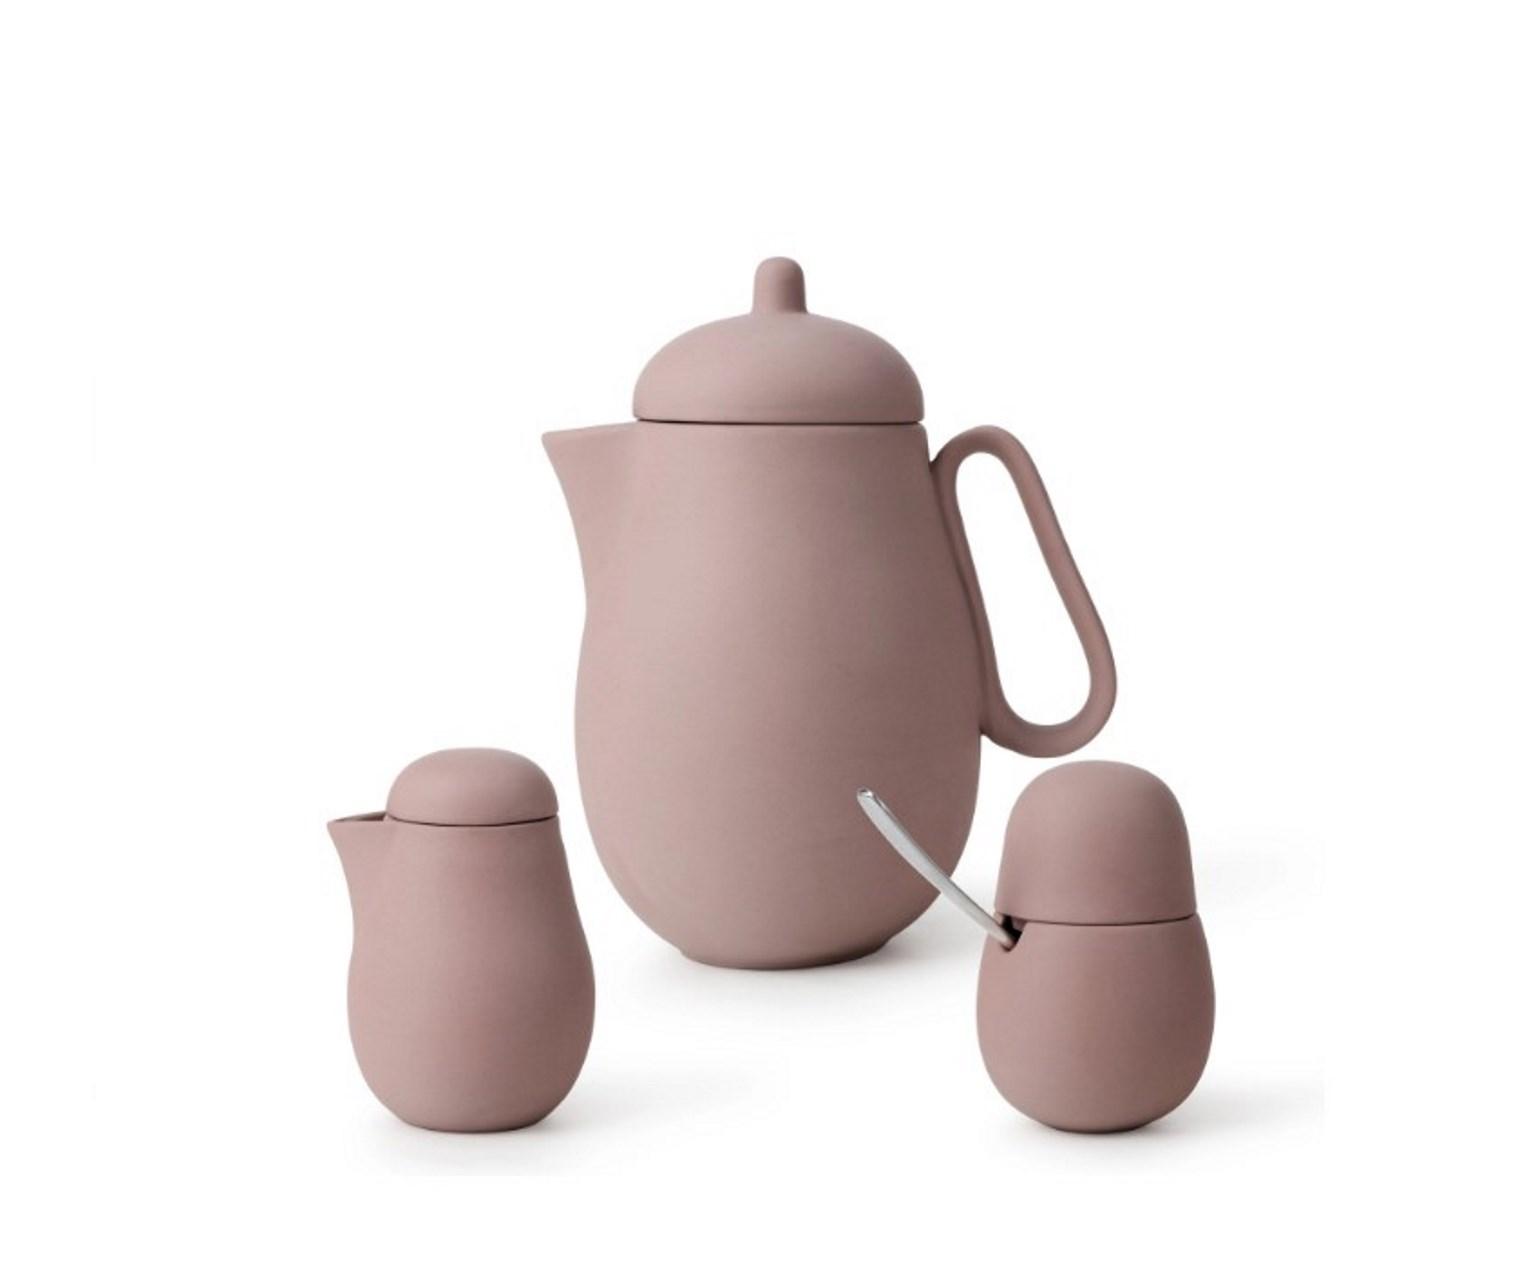 Онлайн каталог PROMENU: Набор для чая (чайник 15,8х11,5х20 см, молочник 7х11,3 см, сахарница 7,5х11,3) Viva Scandinavia NINA powder brown, розовый, 3 предмета                               V78462